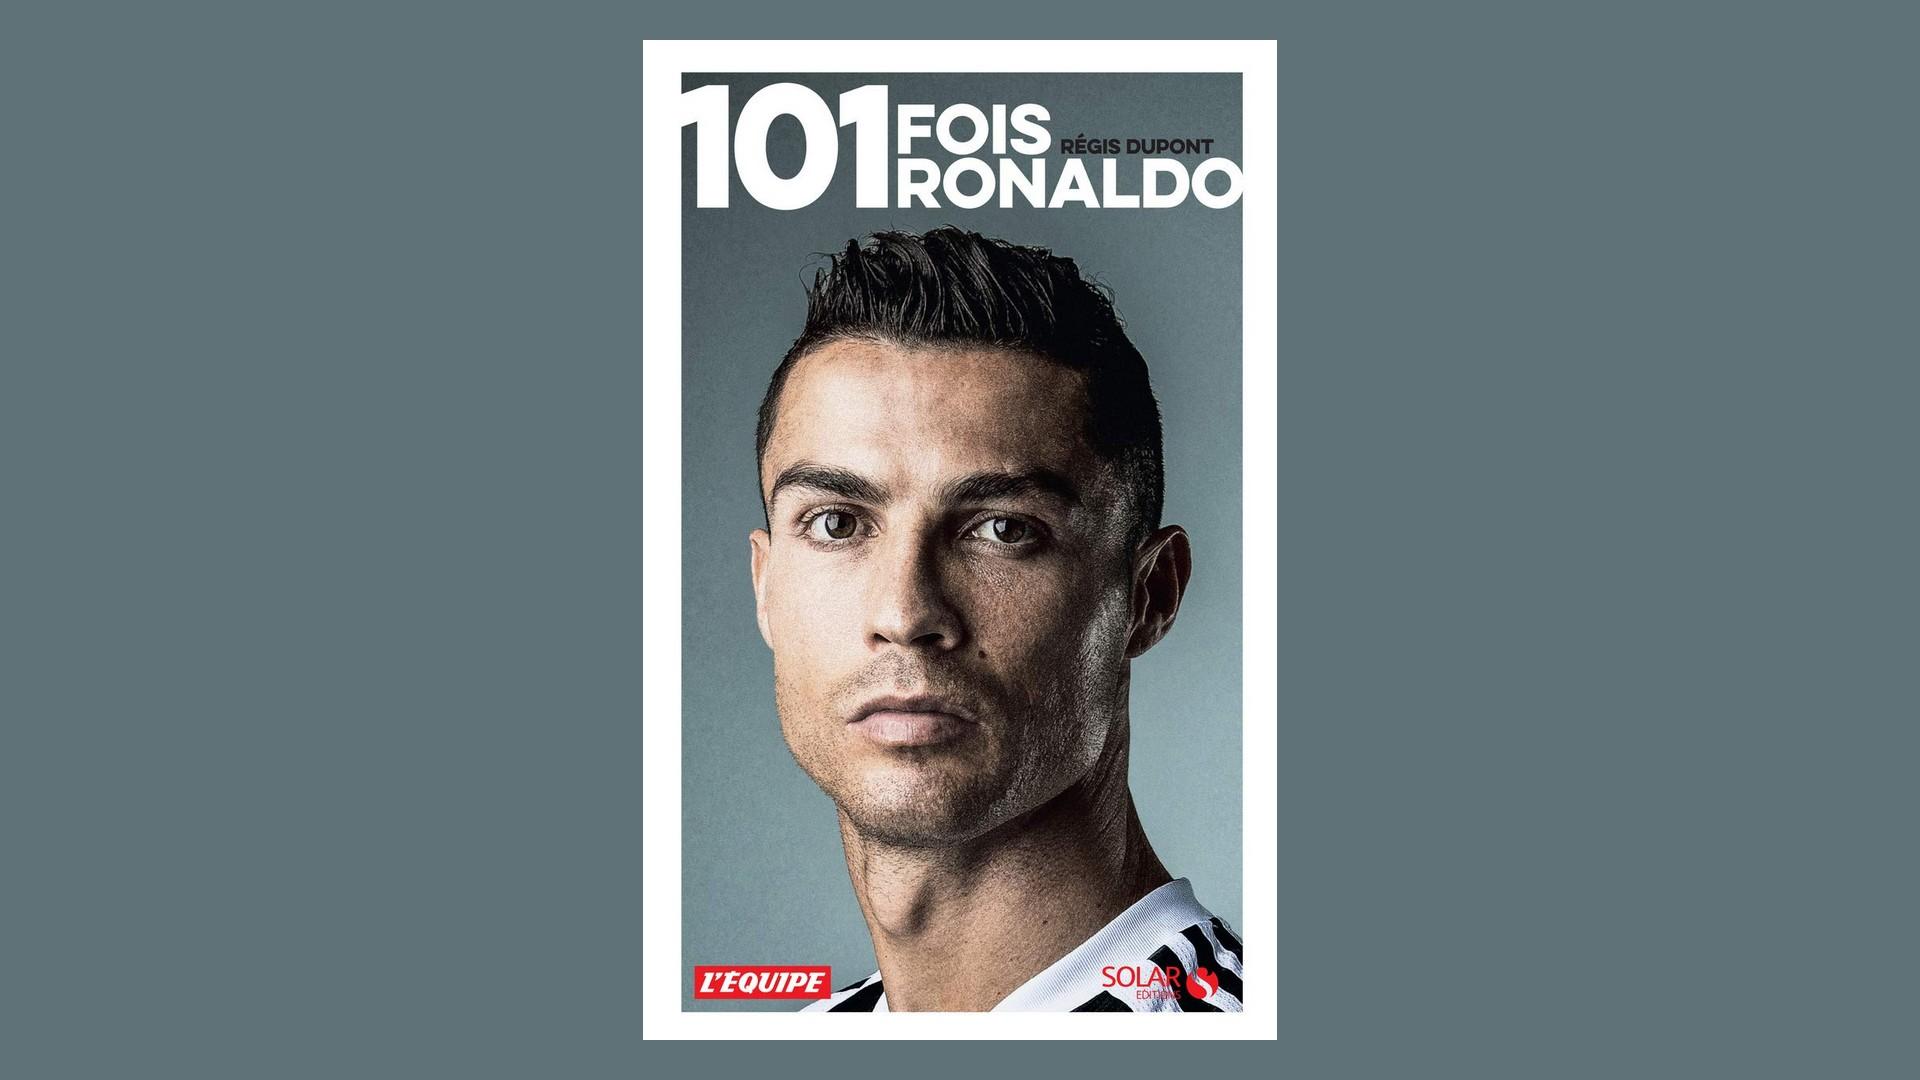 Livres – 101 fois Ronaldo – Régis Dupont (2021)